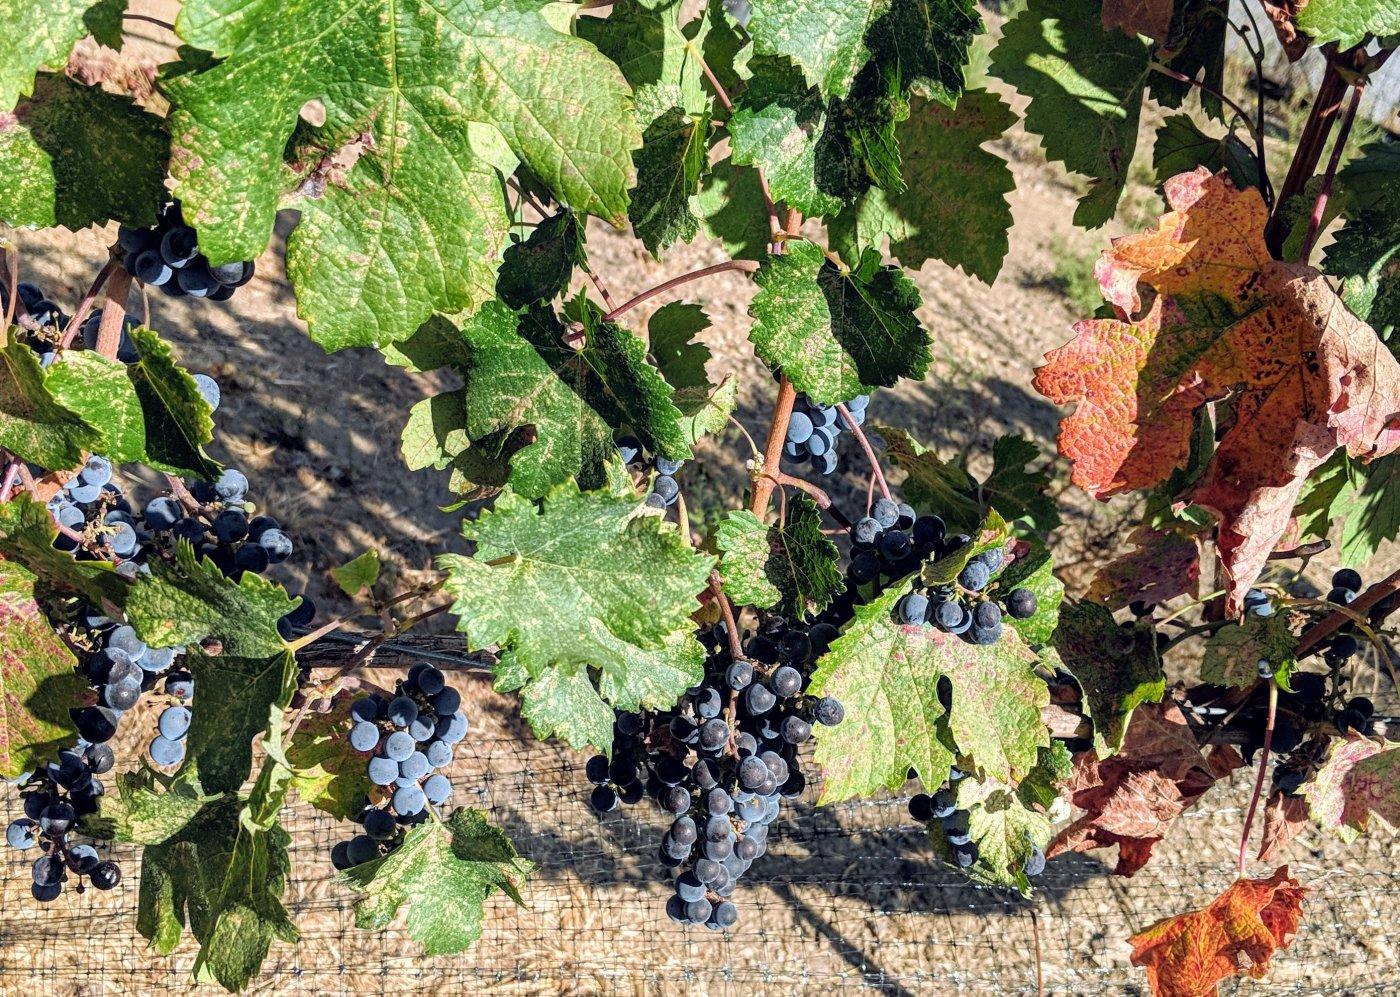 Merlot_Grapes-on vine-2018.jpg